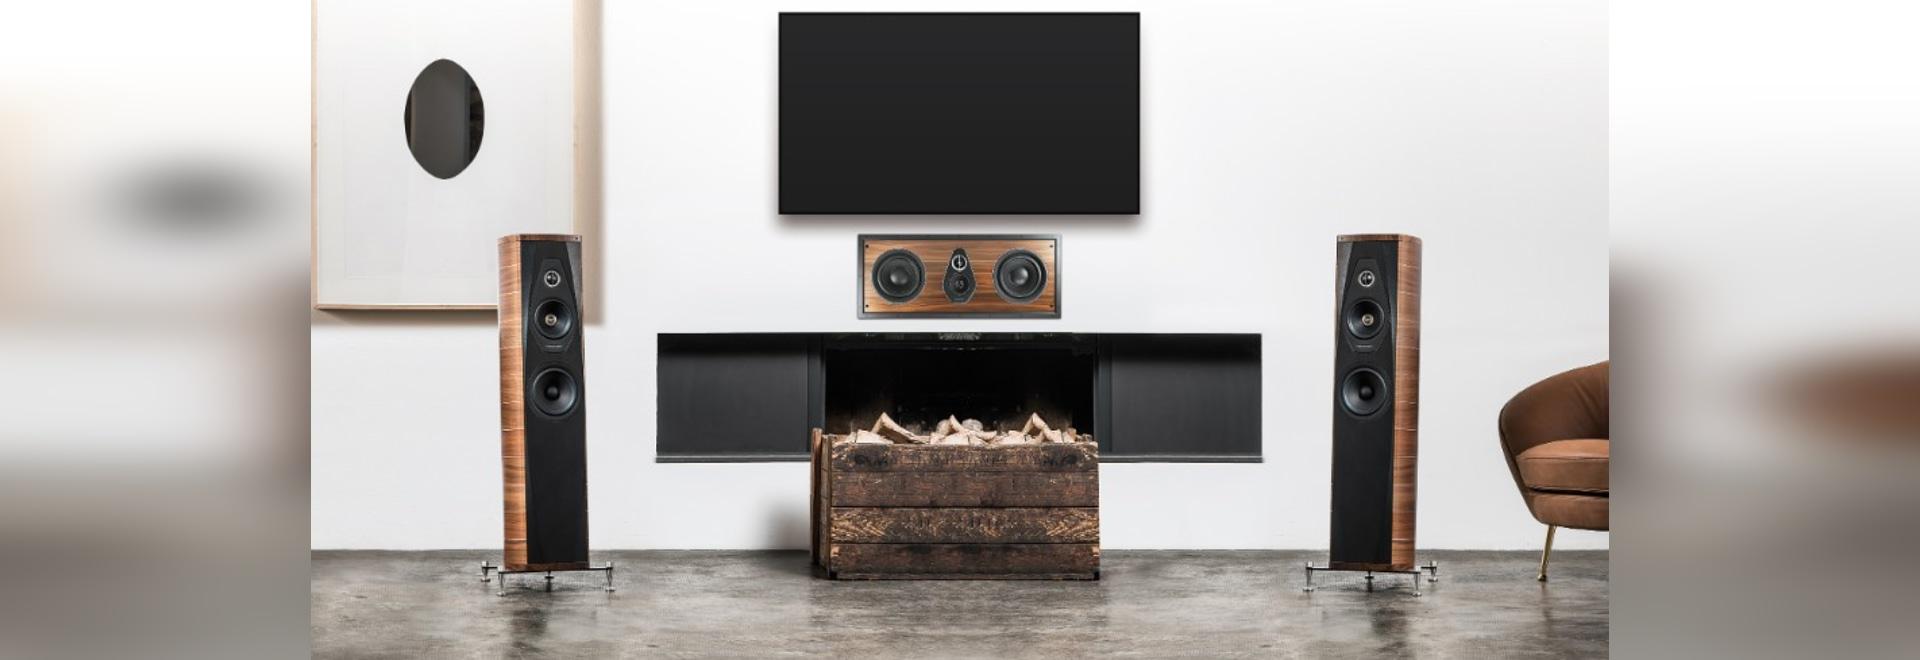 Les orateurs inspirés par Andrea Palladio : audio parfait et installation invisible